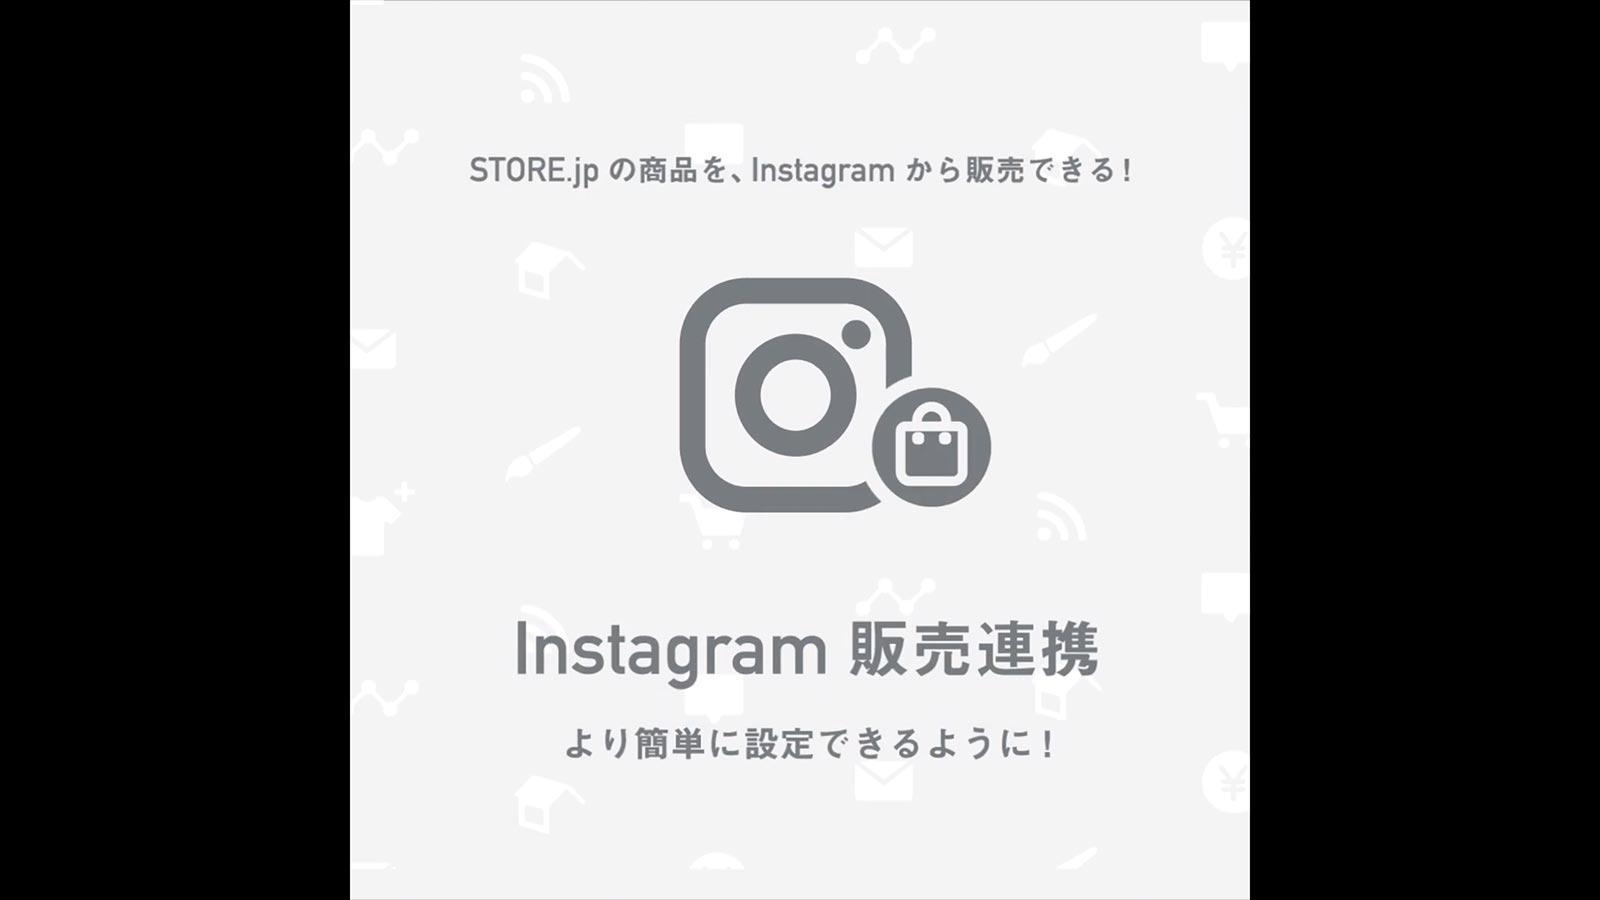 Instagram販売連携